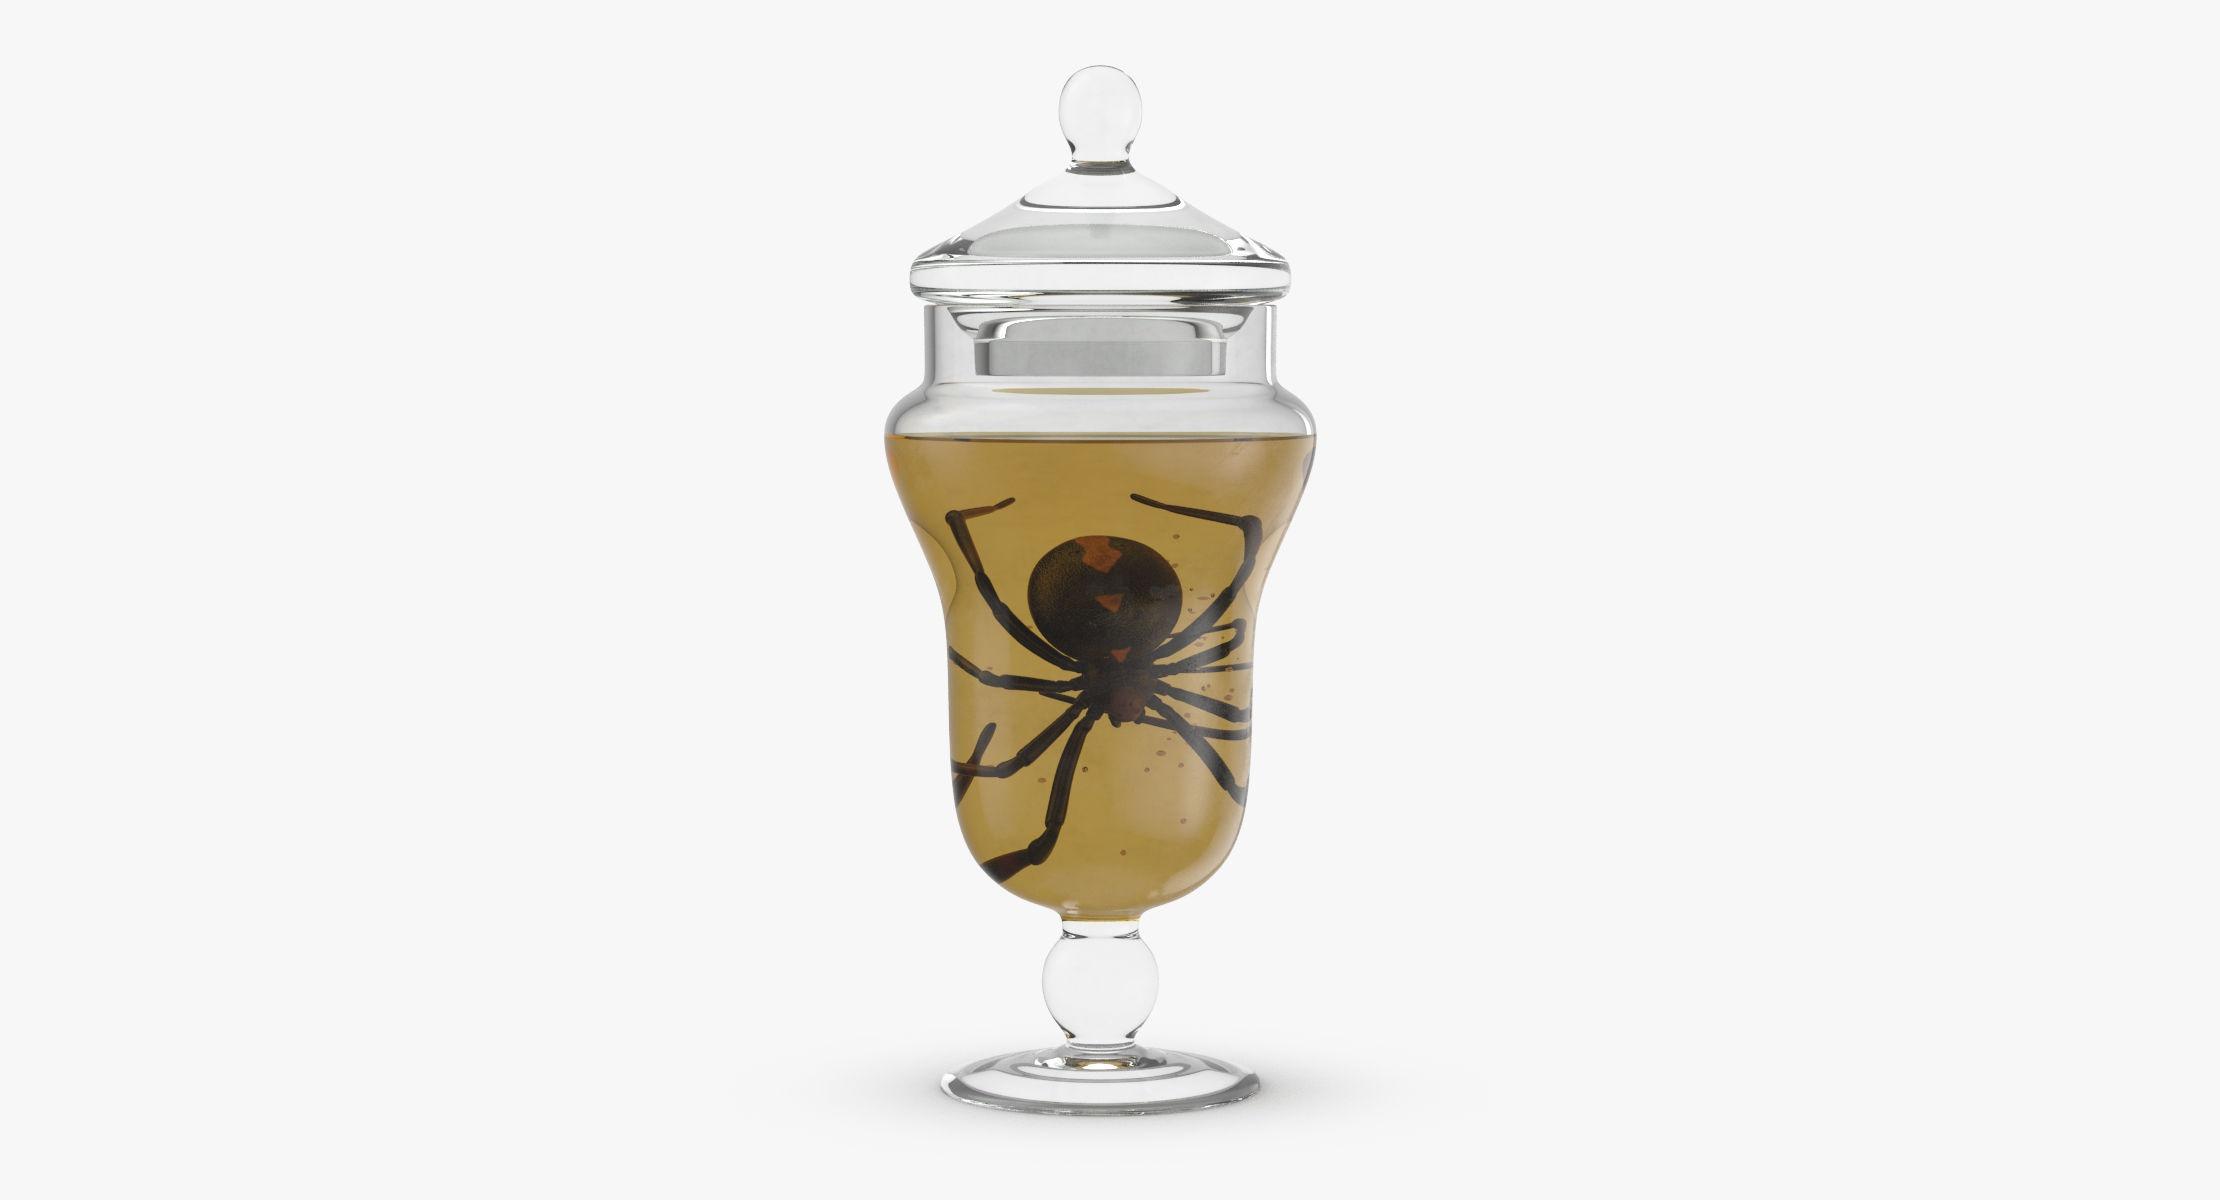 Vintage Specimen Jar - Spider - reel 1